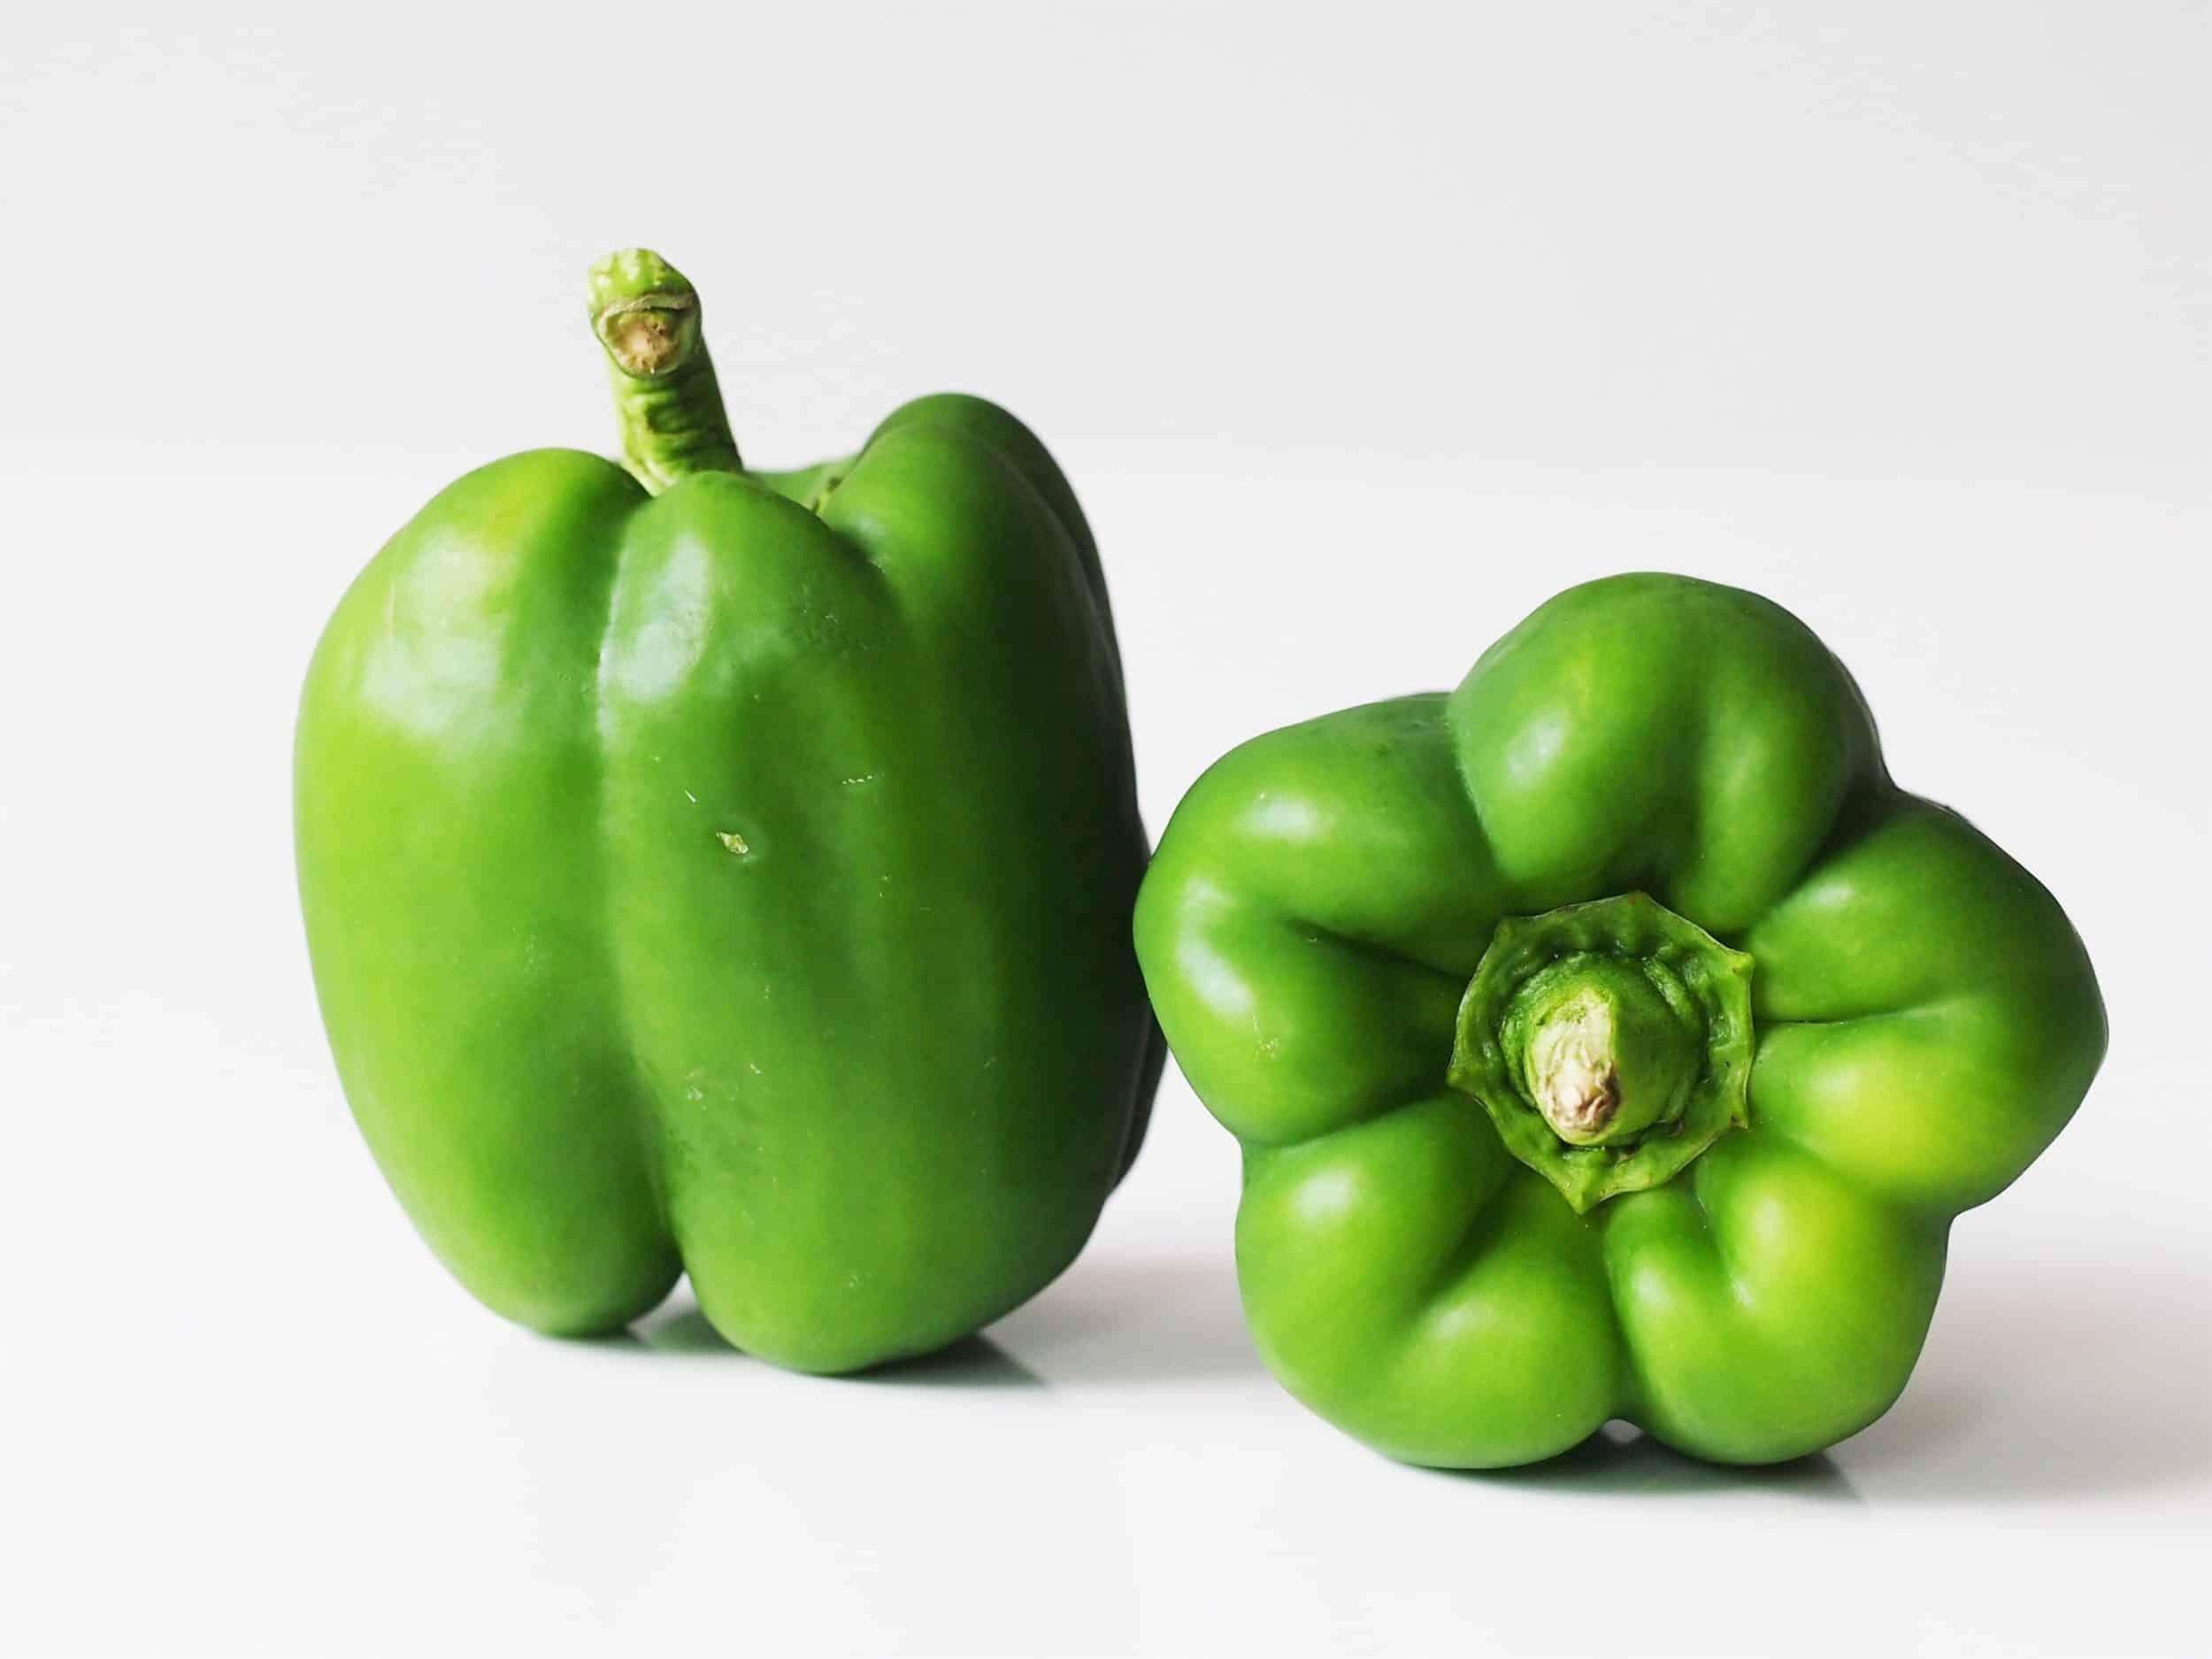 الفلفل الأخضر